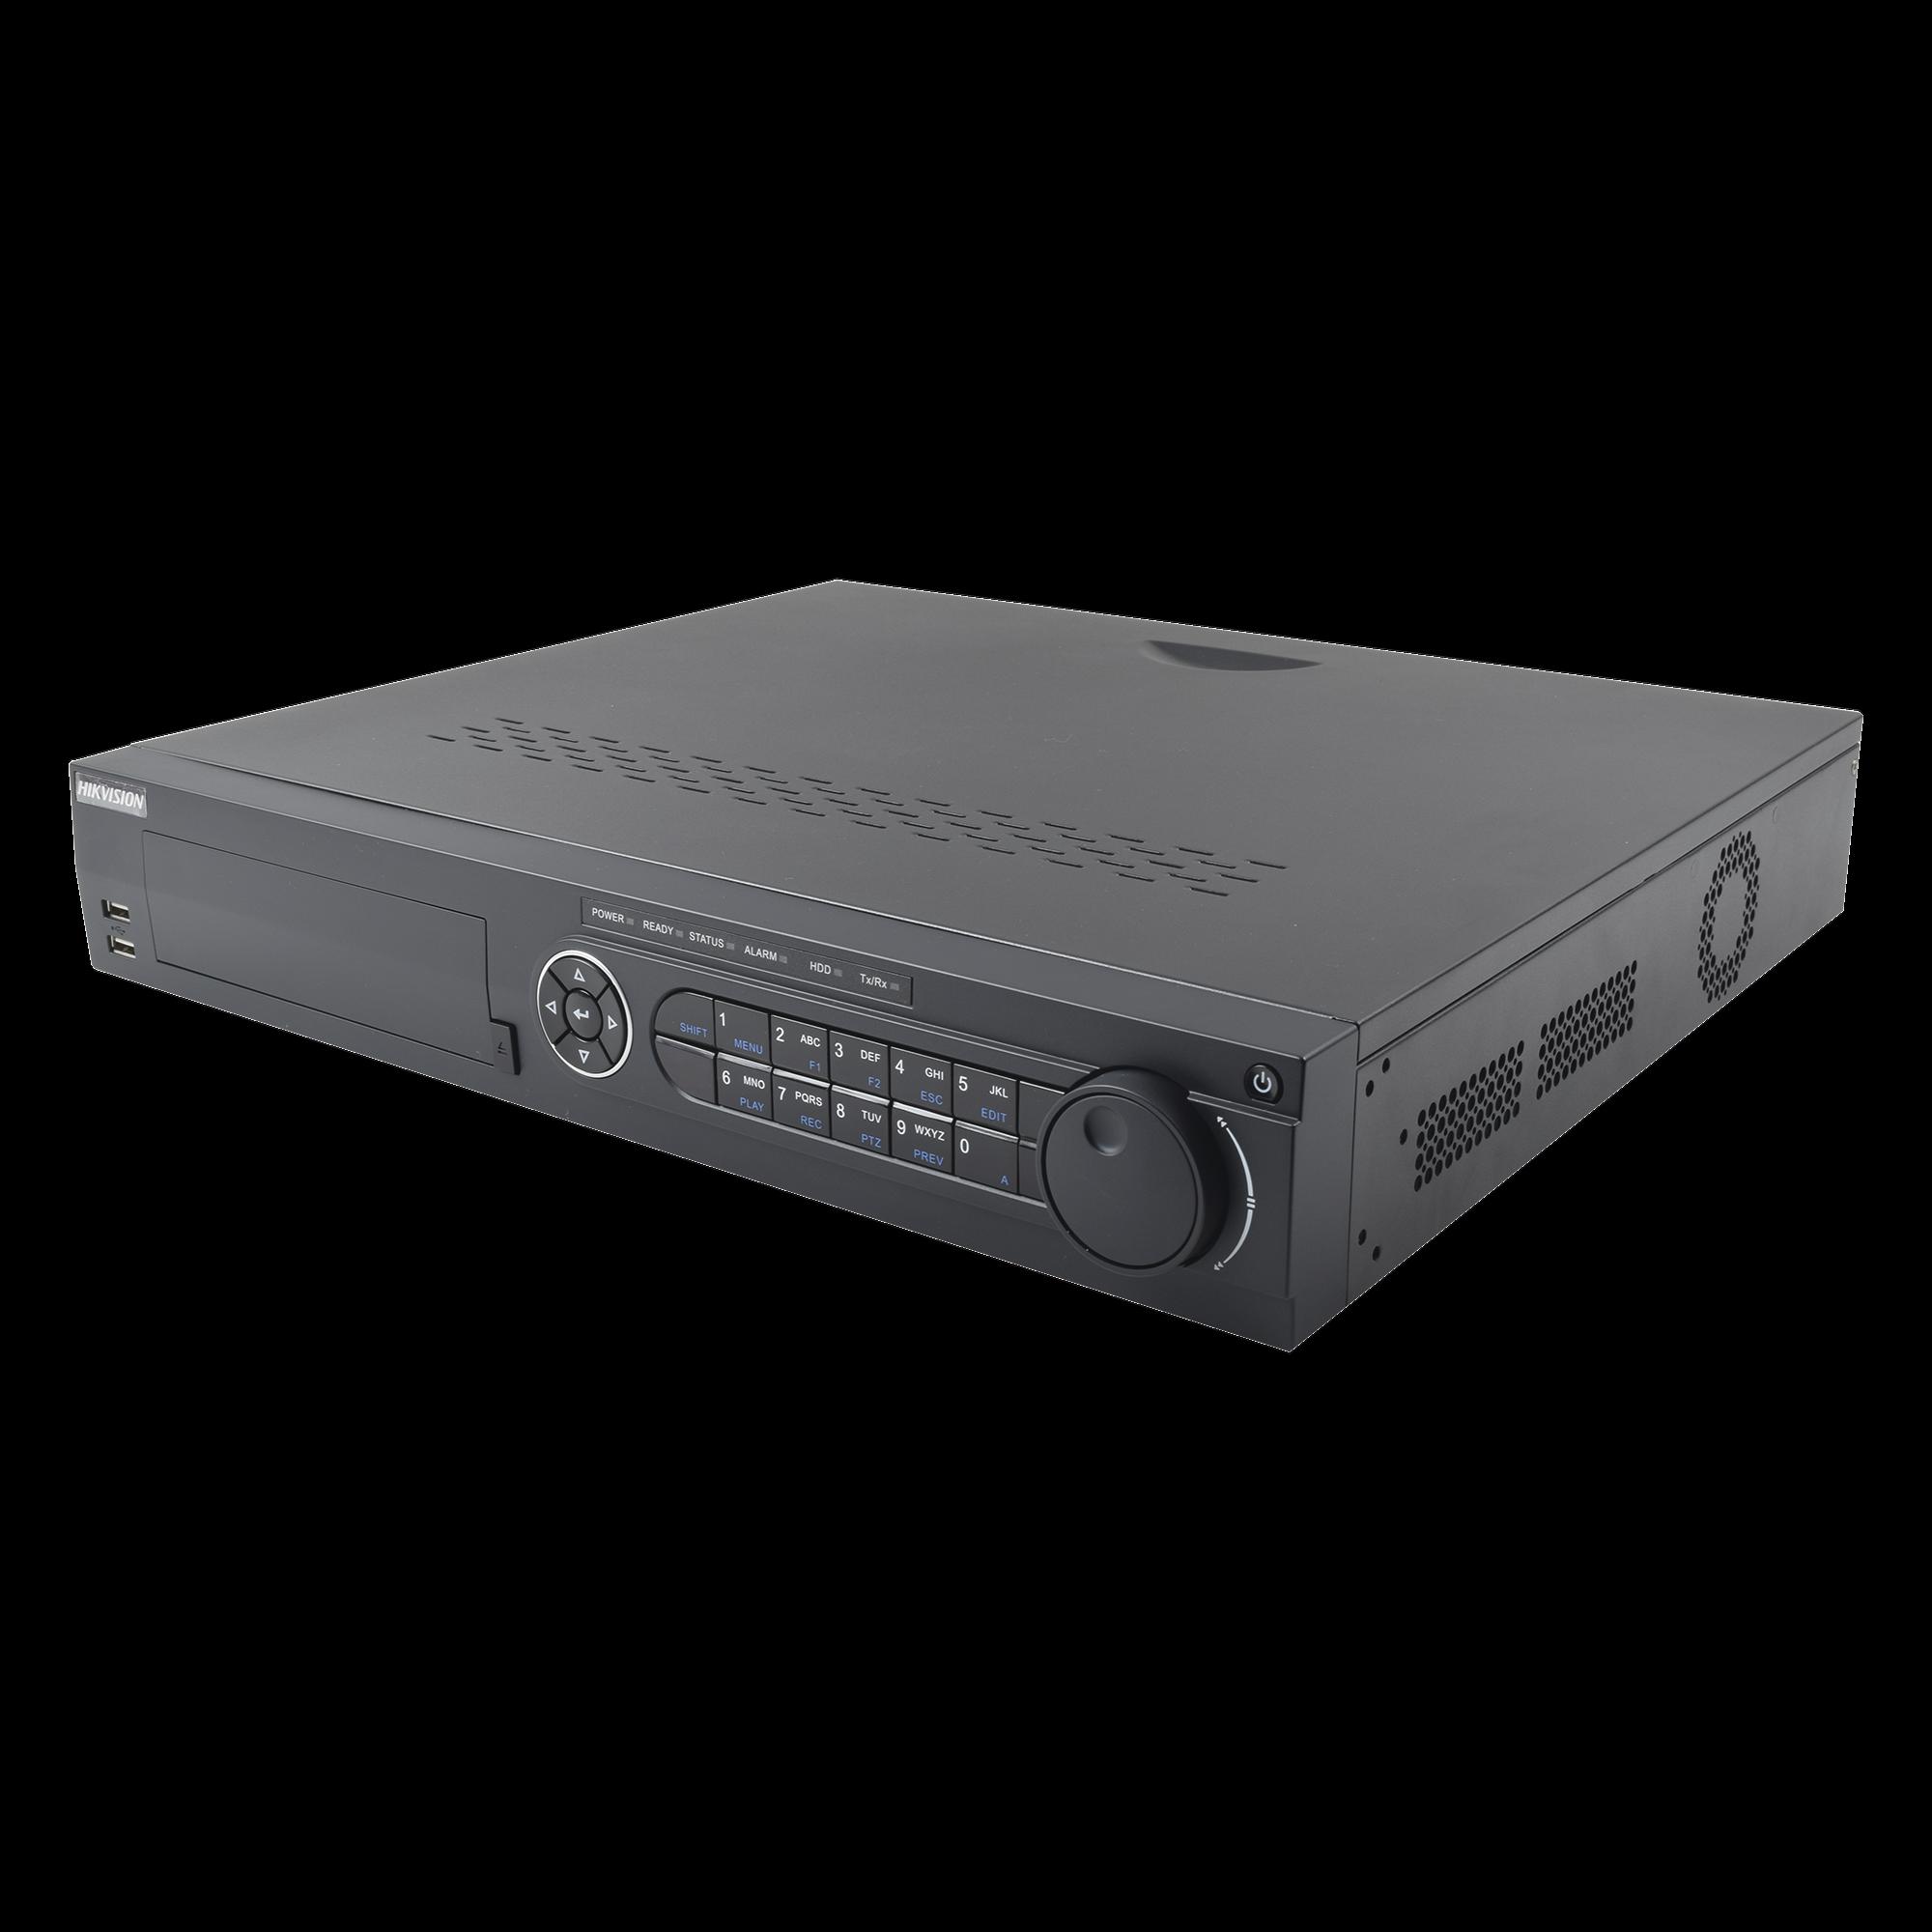 DVR 4 Megapixel / 24 Canales TURBOHD + 16 Canales IP / 4 Bahías de Disco Duro / 4 Canales de Audio / Videoanalisis / 16 Entradas de Alarma